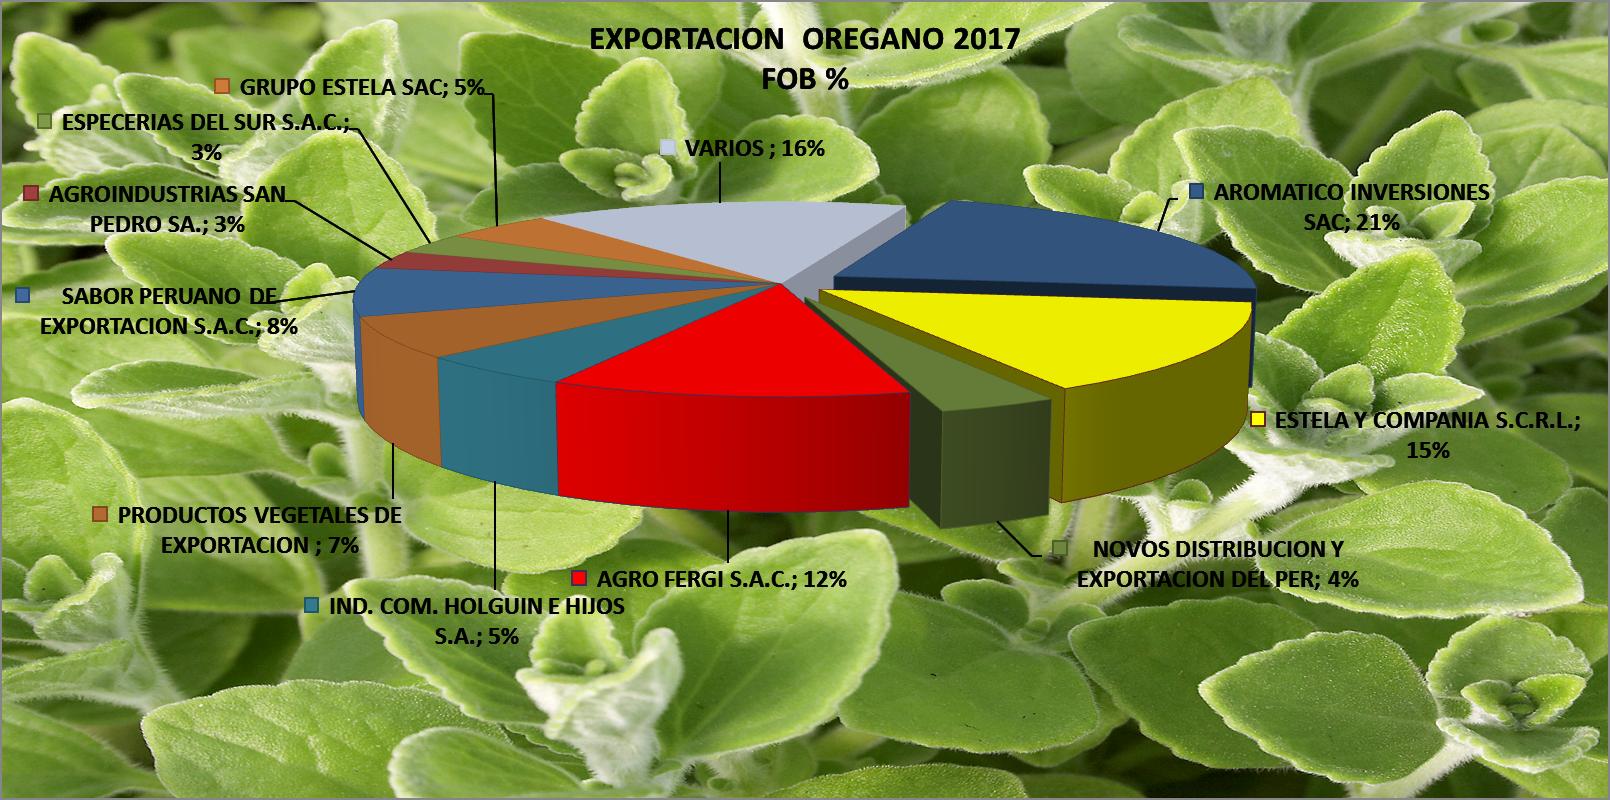 Orégano Perú Exportación 2017 Mayo